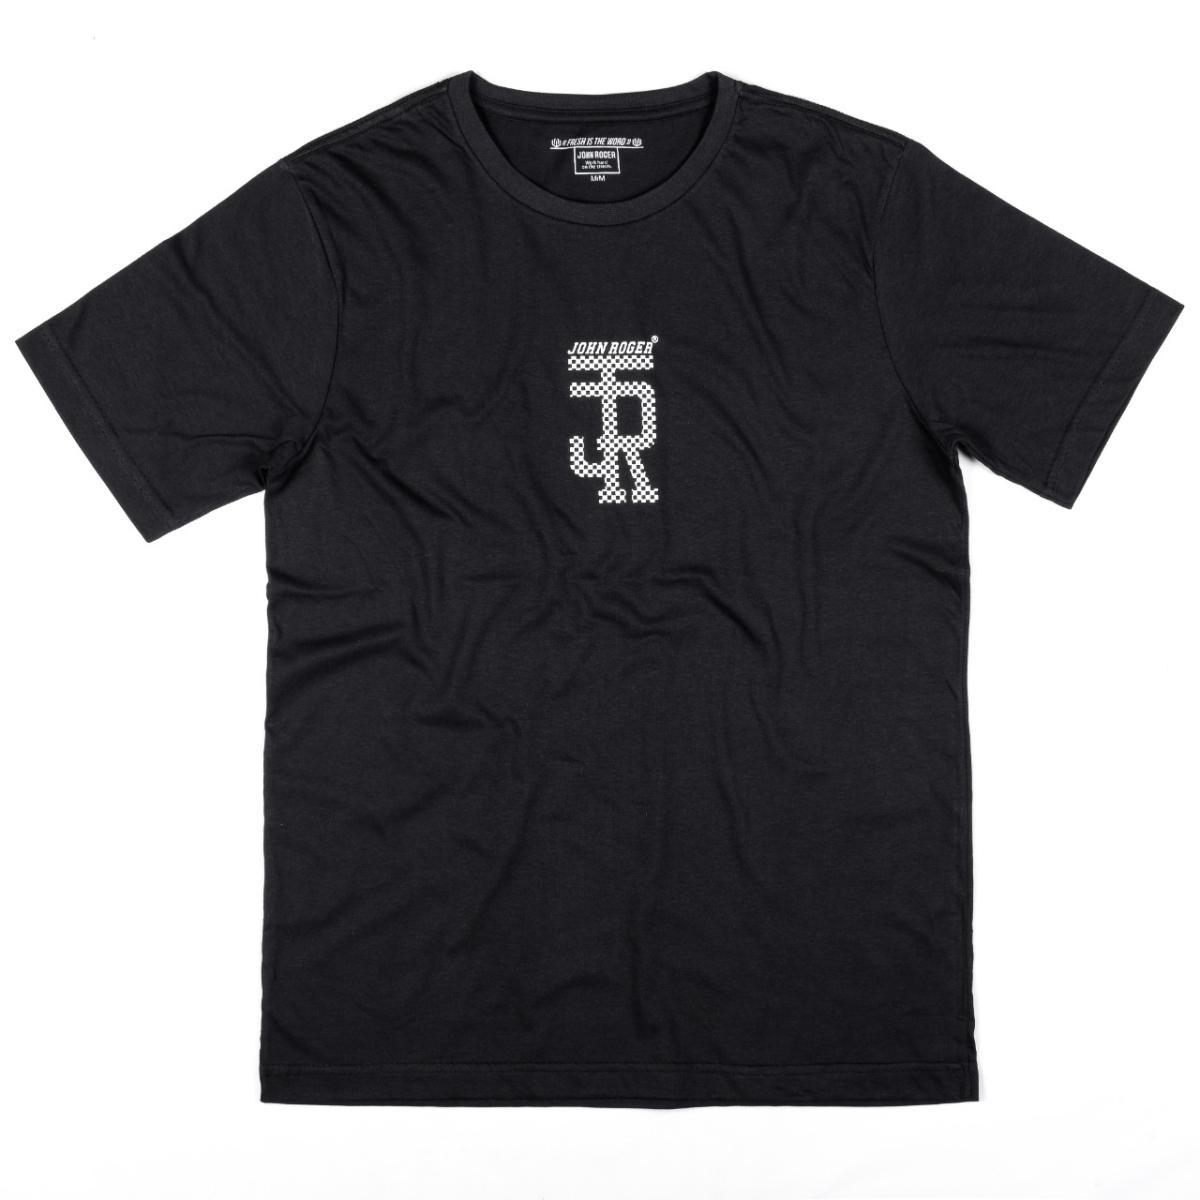 Camiseta John Roger - JR Check